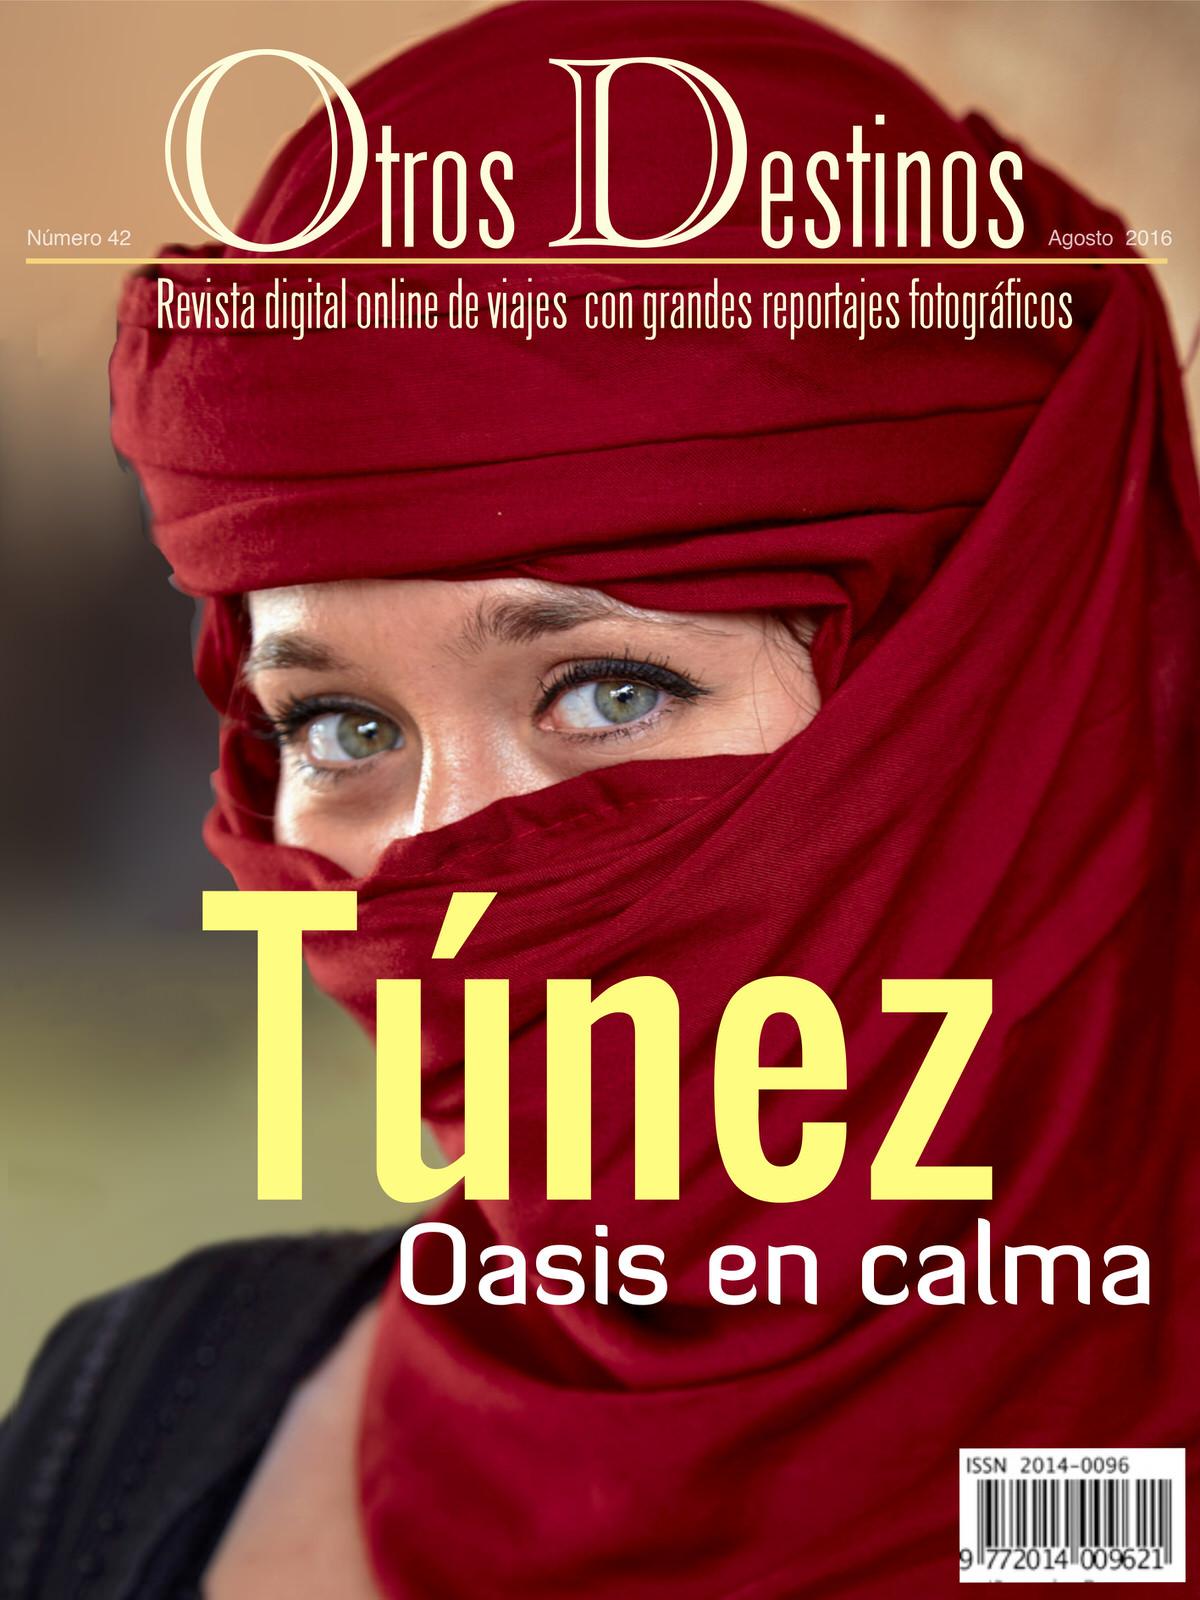 _Tunissia: Un destino Múltiple.  Tun